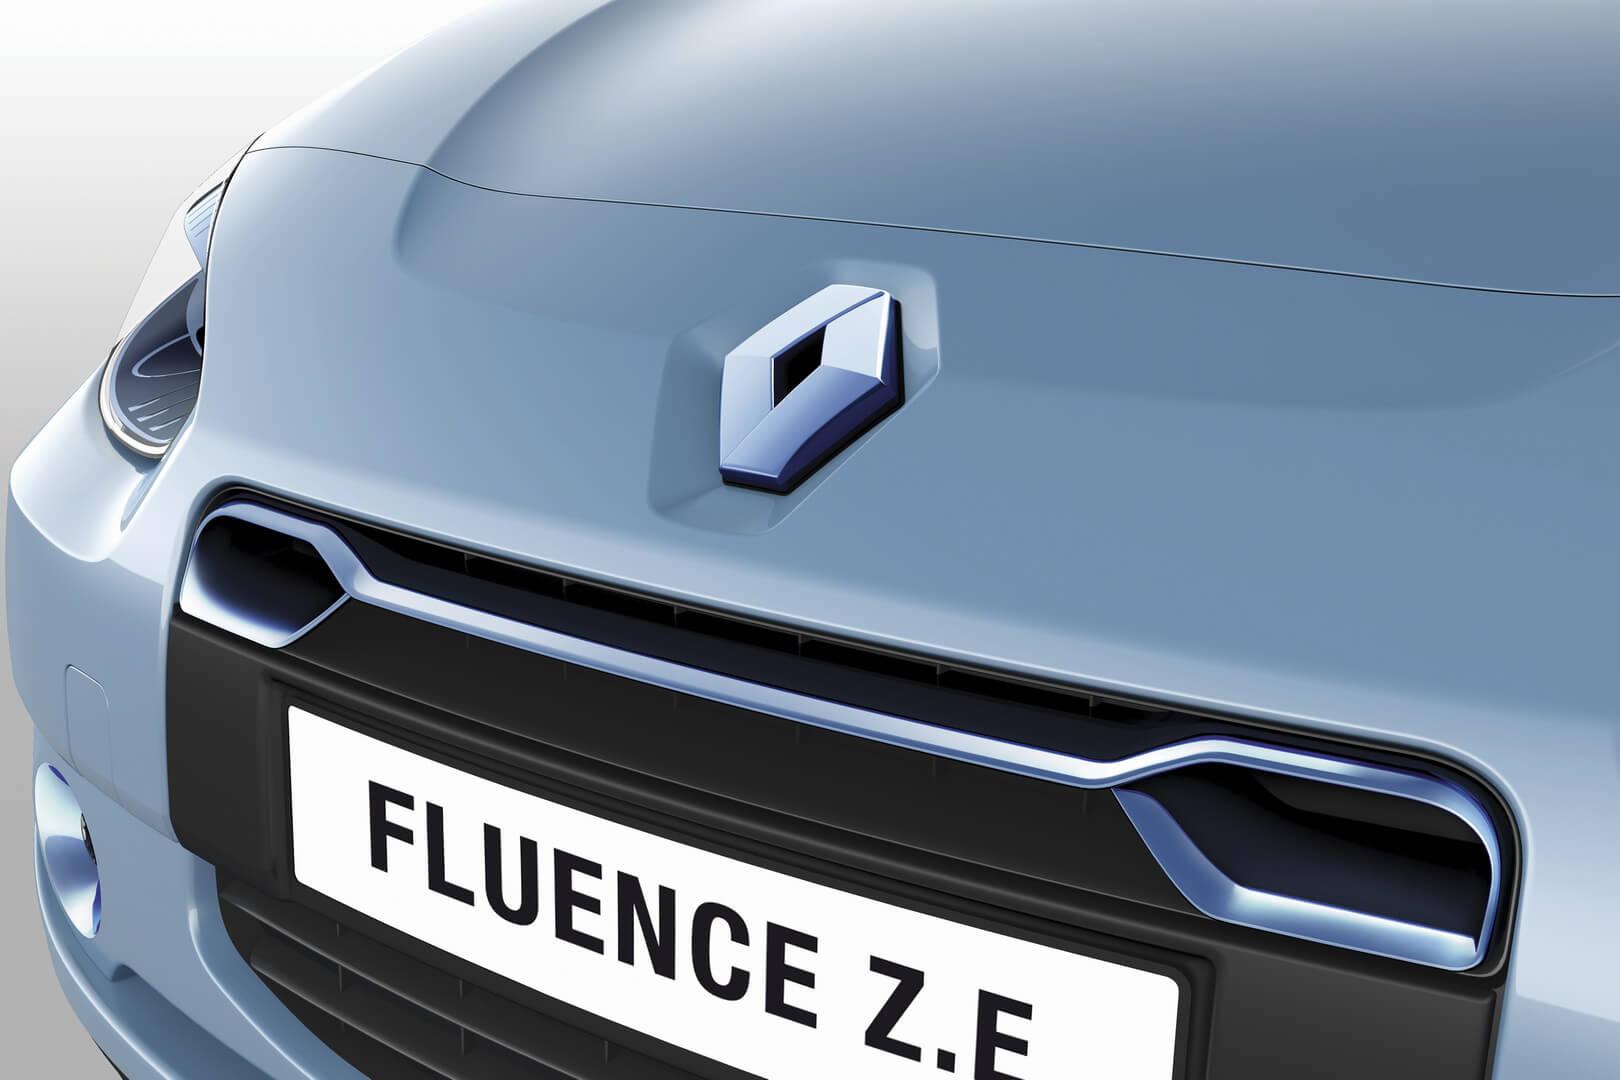 Фотография экоавто Renault Fluence Z.E. - фото 3